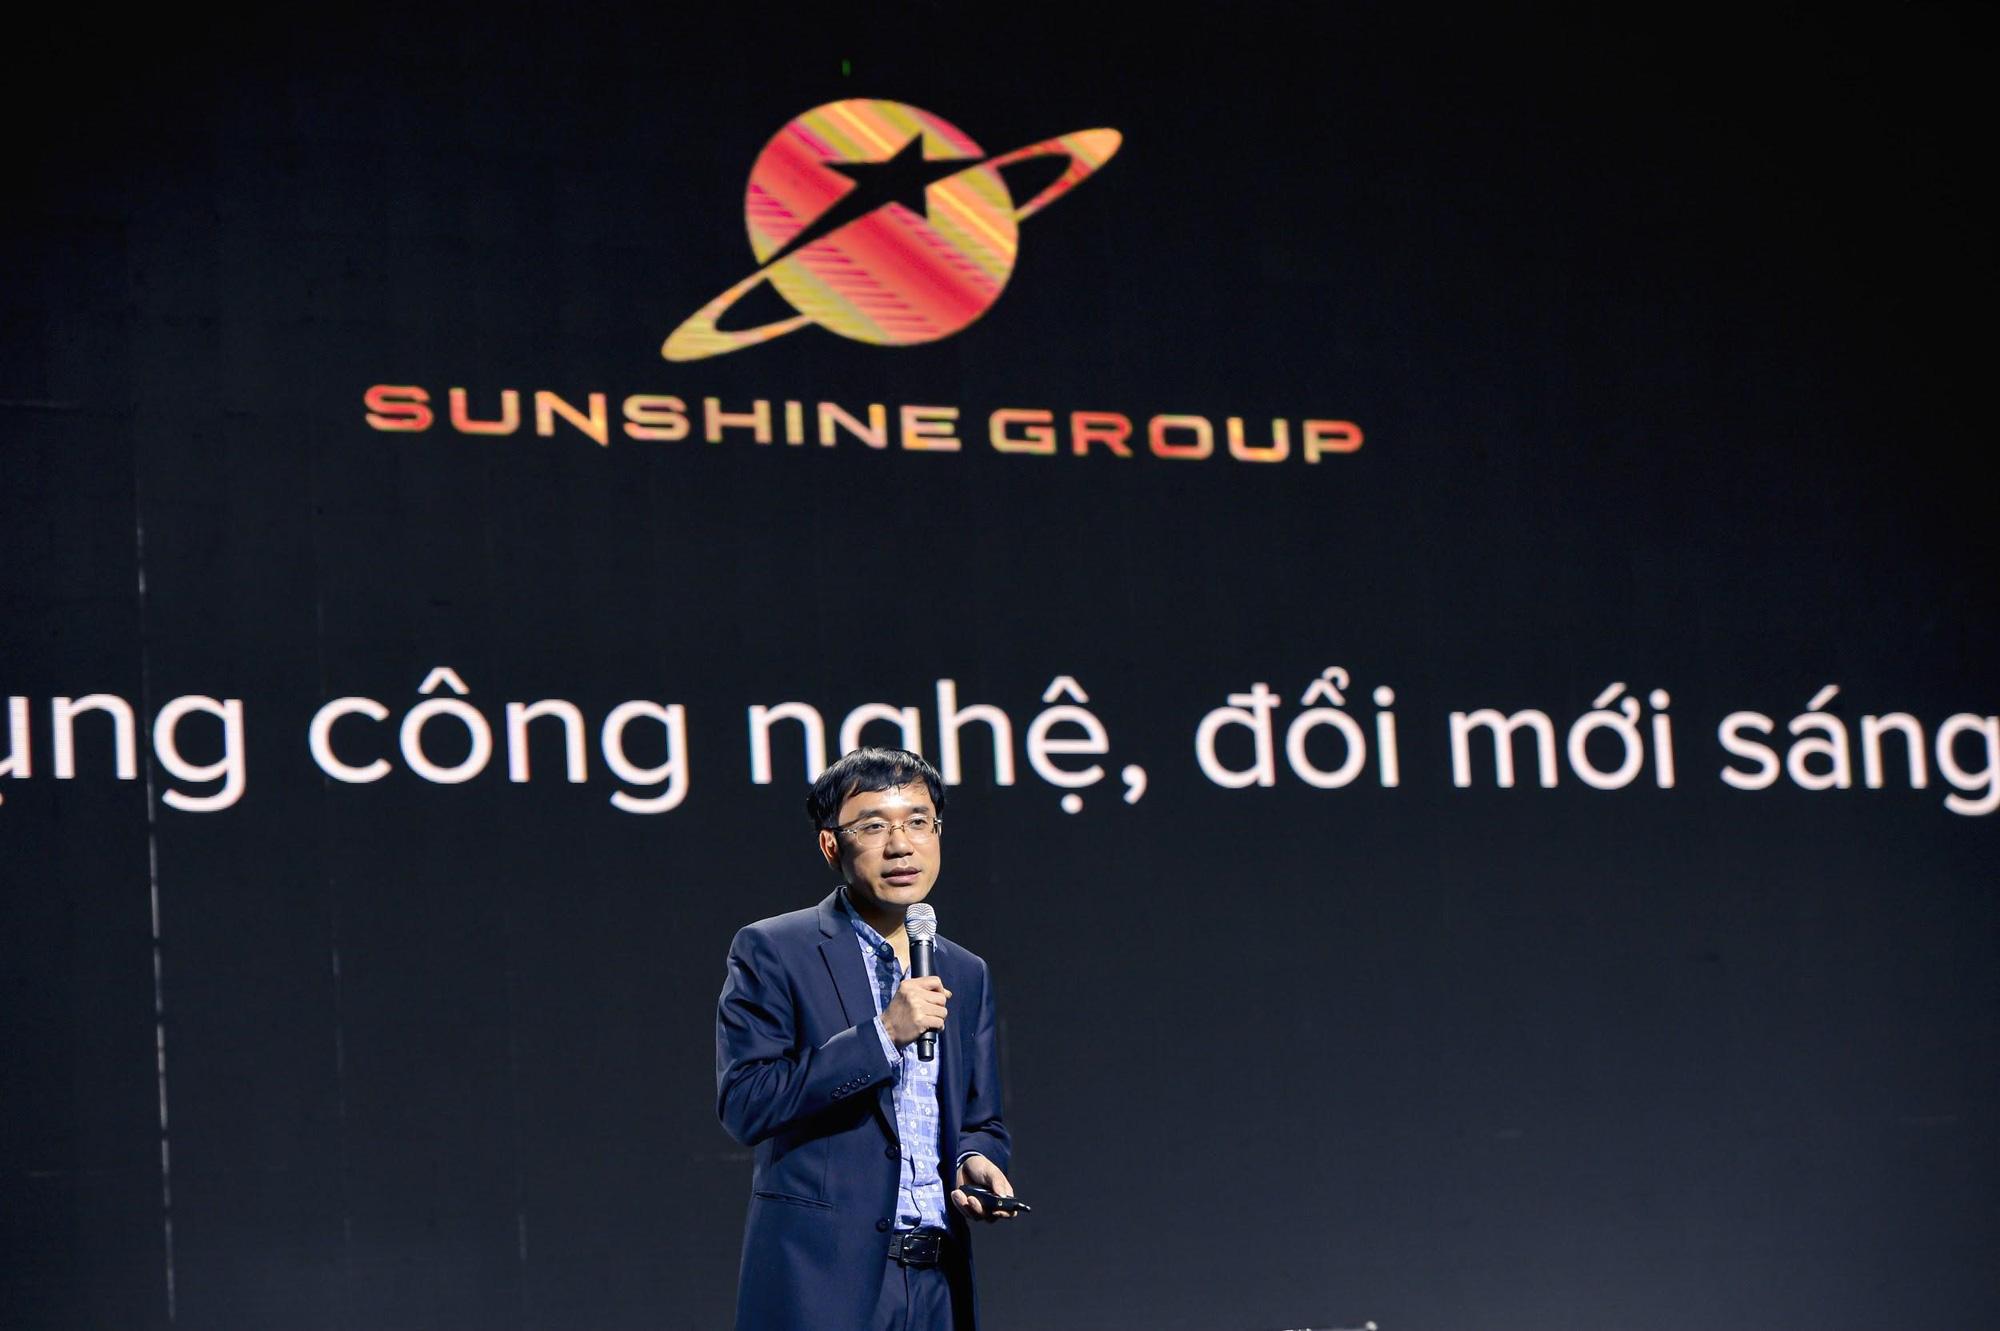 Dấu ấn của Sunshine Group tại Triển lãm quốc tế Đổi mới sáng tạo Việt Nam 2021 - Ảnh 8.